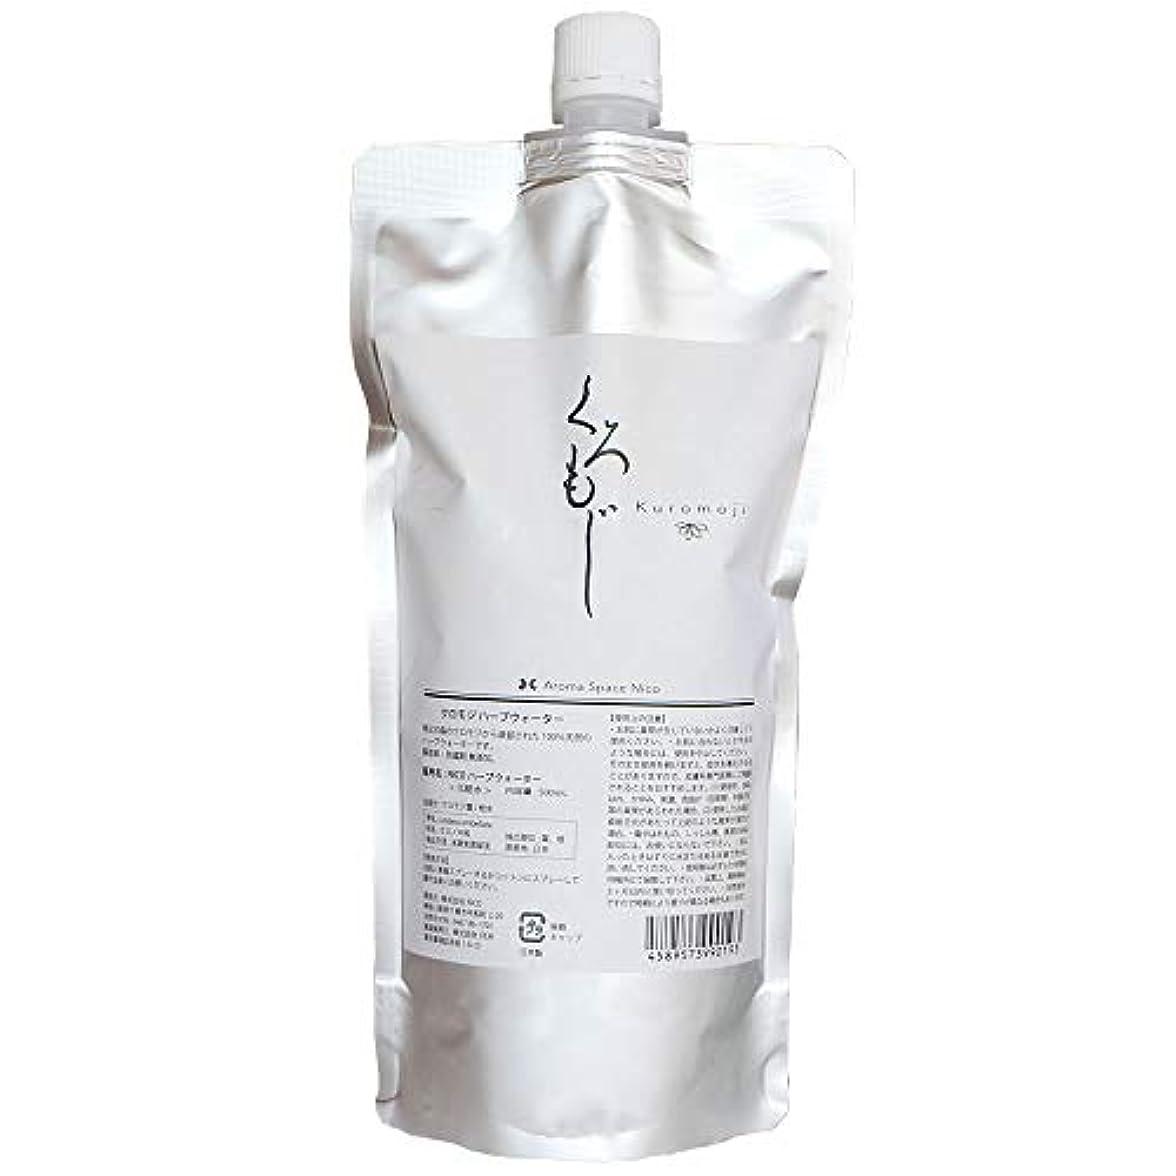 なる郵便局準備した無添加 さっぱり 化粧水 NICOクロモジハーブウォーター 敏感肌 ミスト 天然成分100% 心が和む和の香り … (500ml)